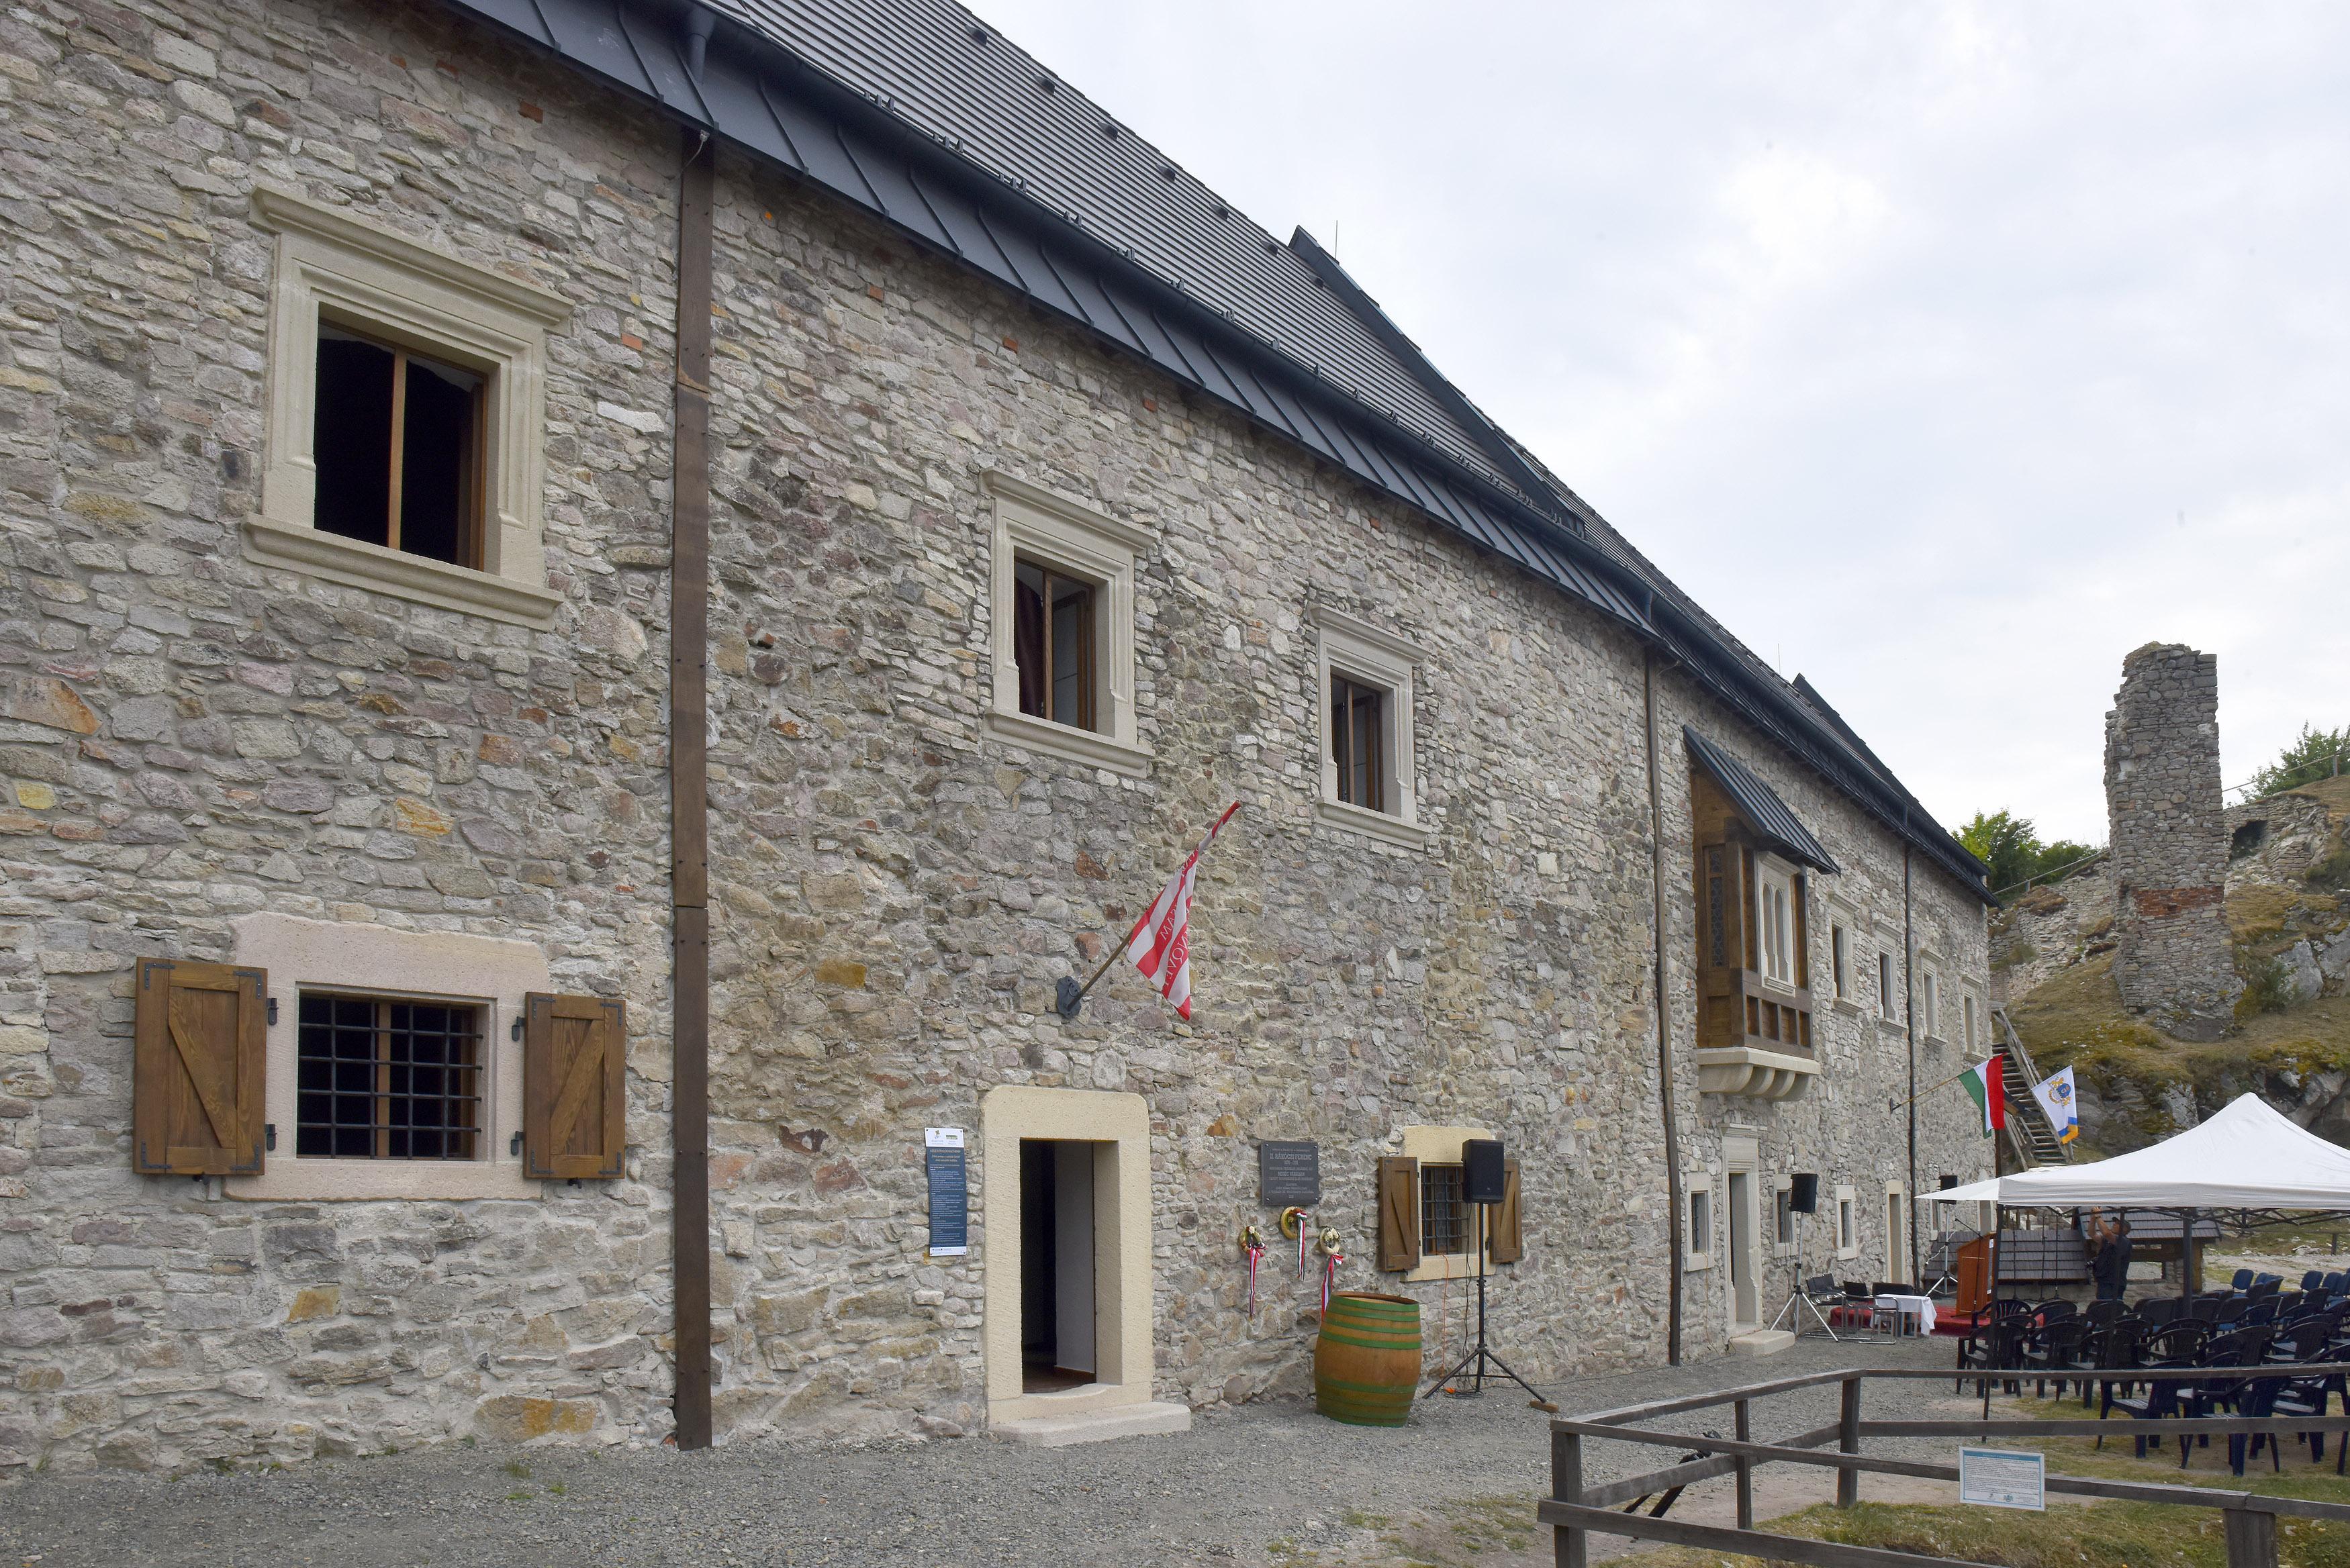 Átadták a regéci vár helyreállított reneszánsz palotaszárnyát